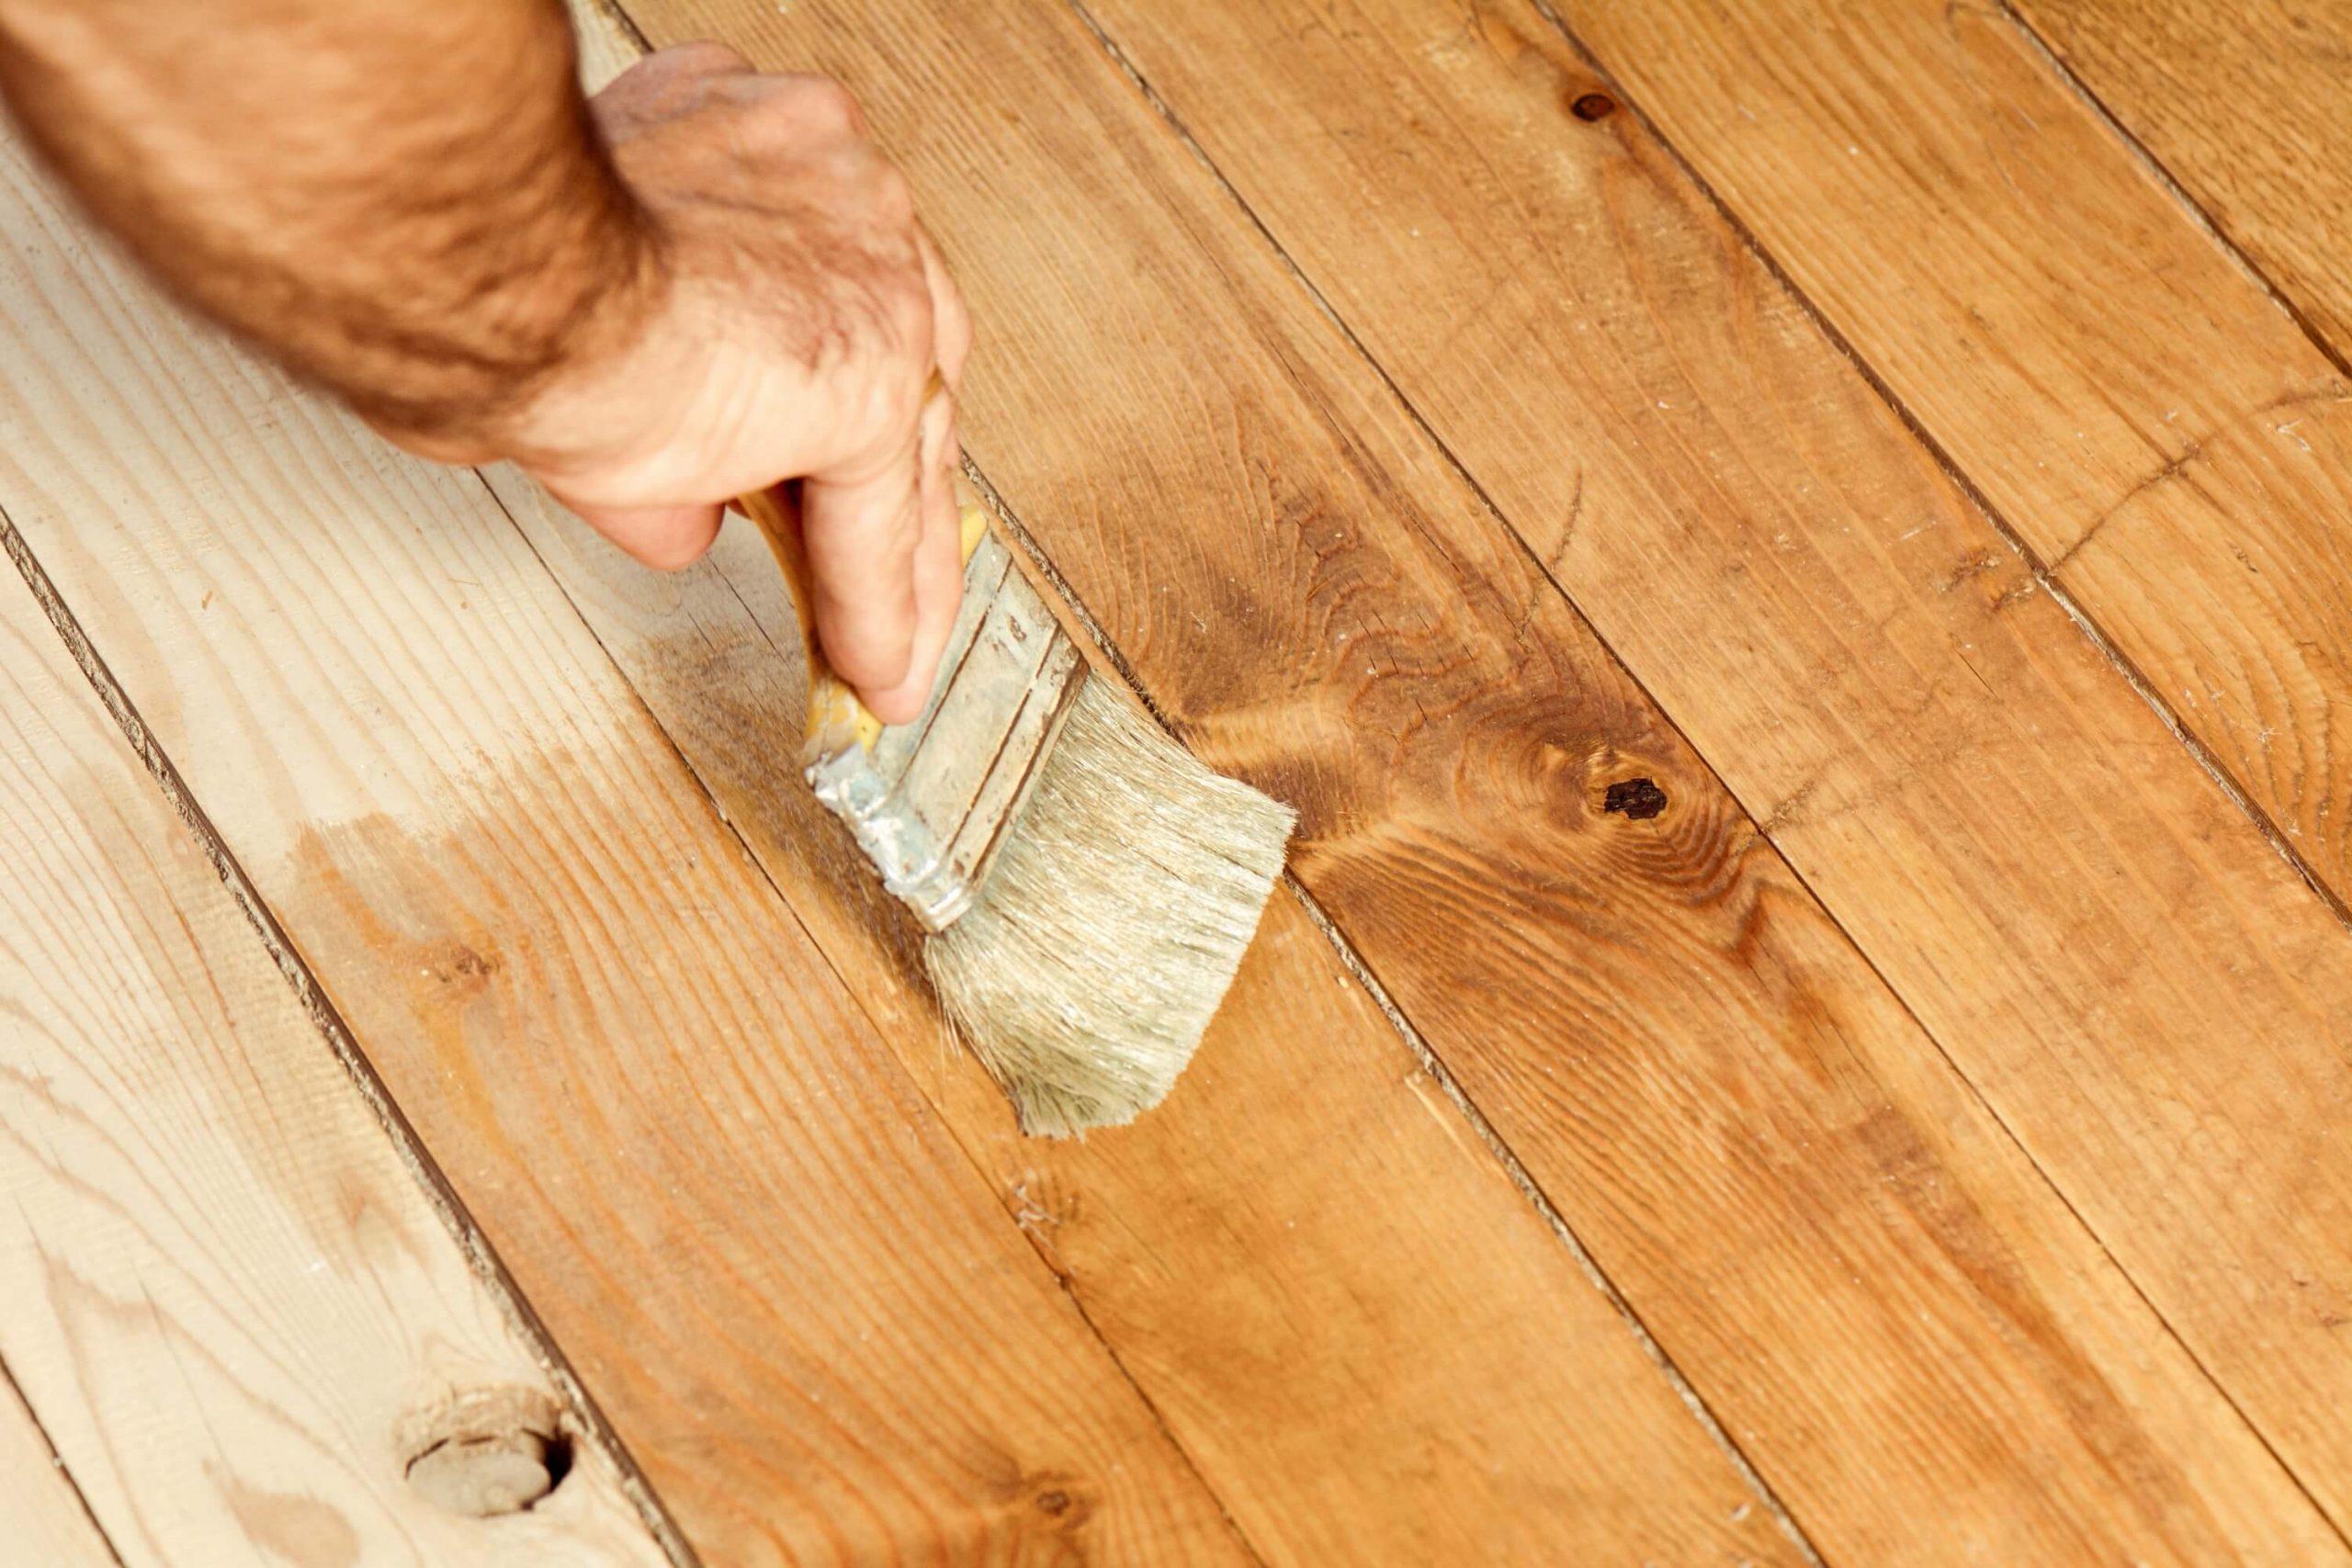 Les se zaščiti predvsem s postopki njegove obdelave